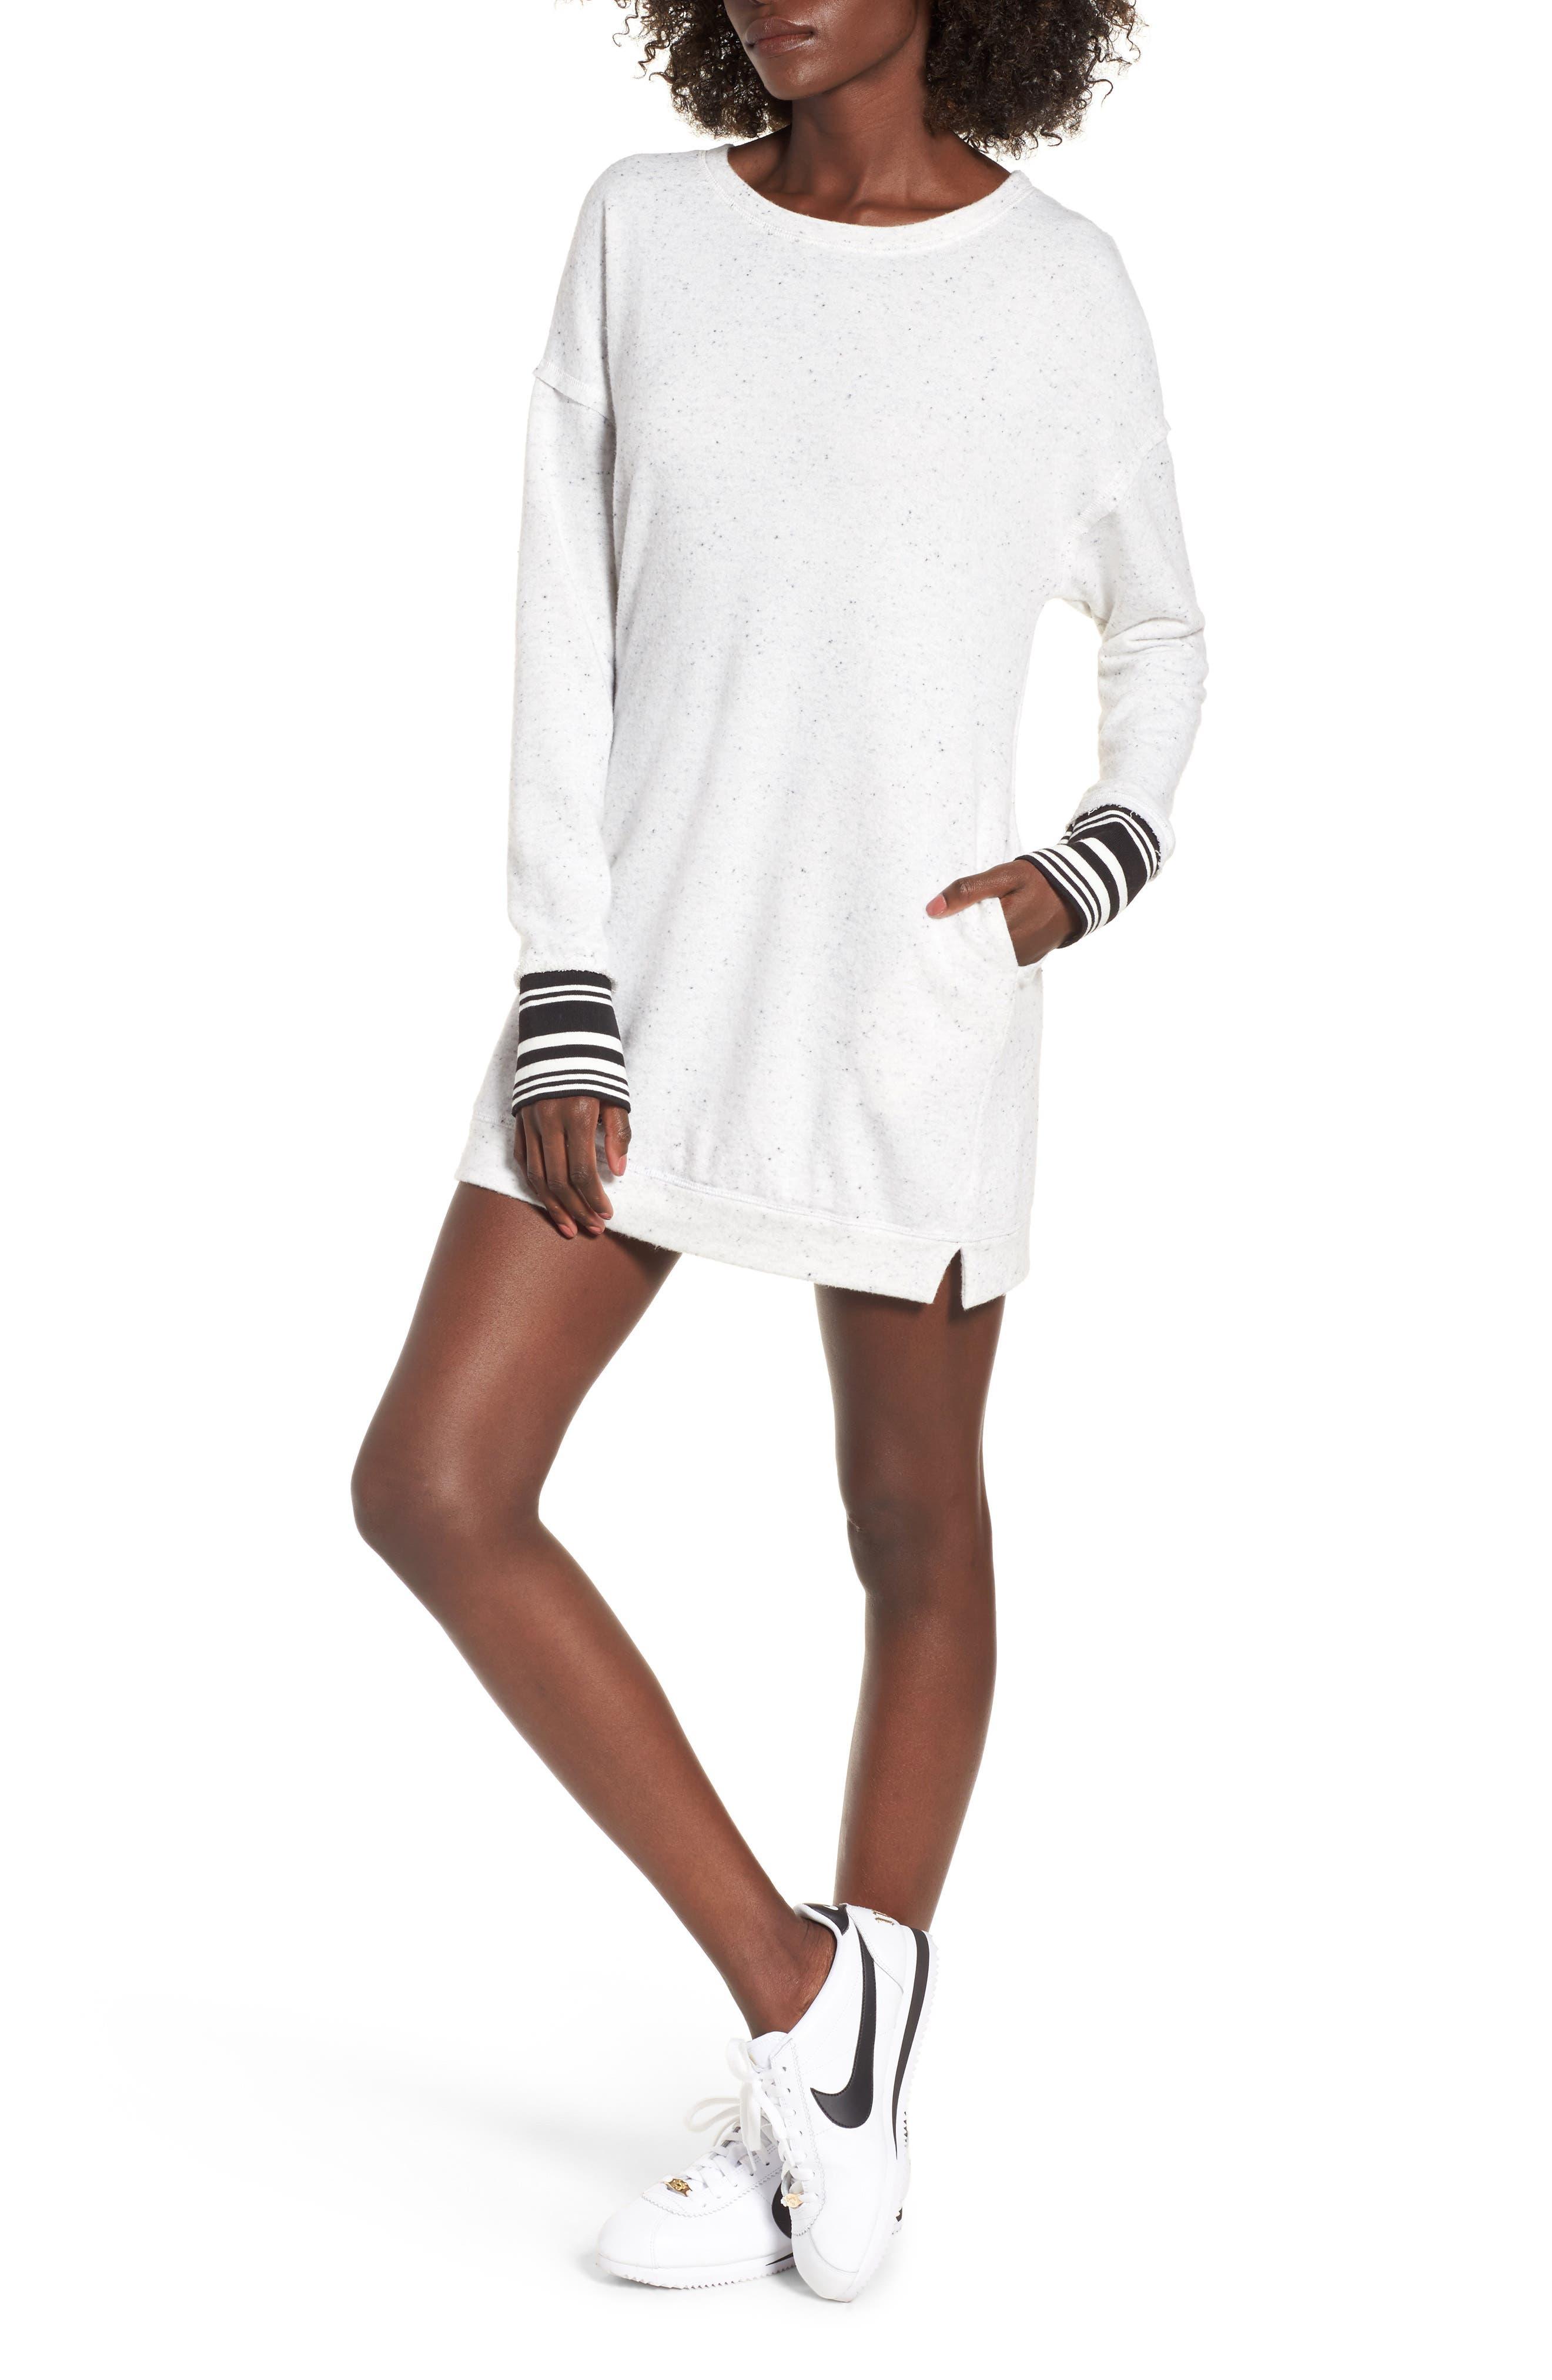 Socialite Athletic Trim Sweatshirt Dress